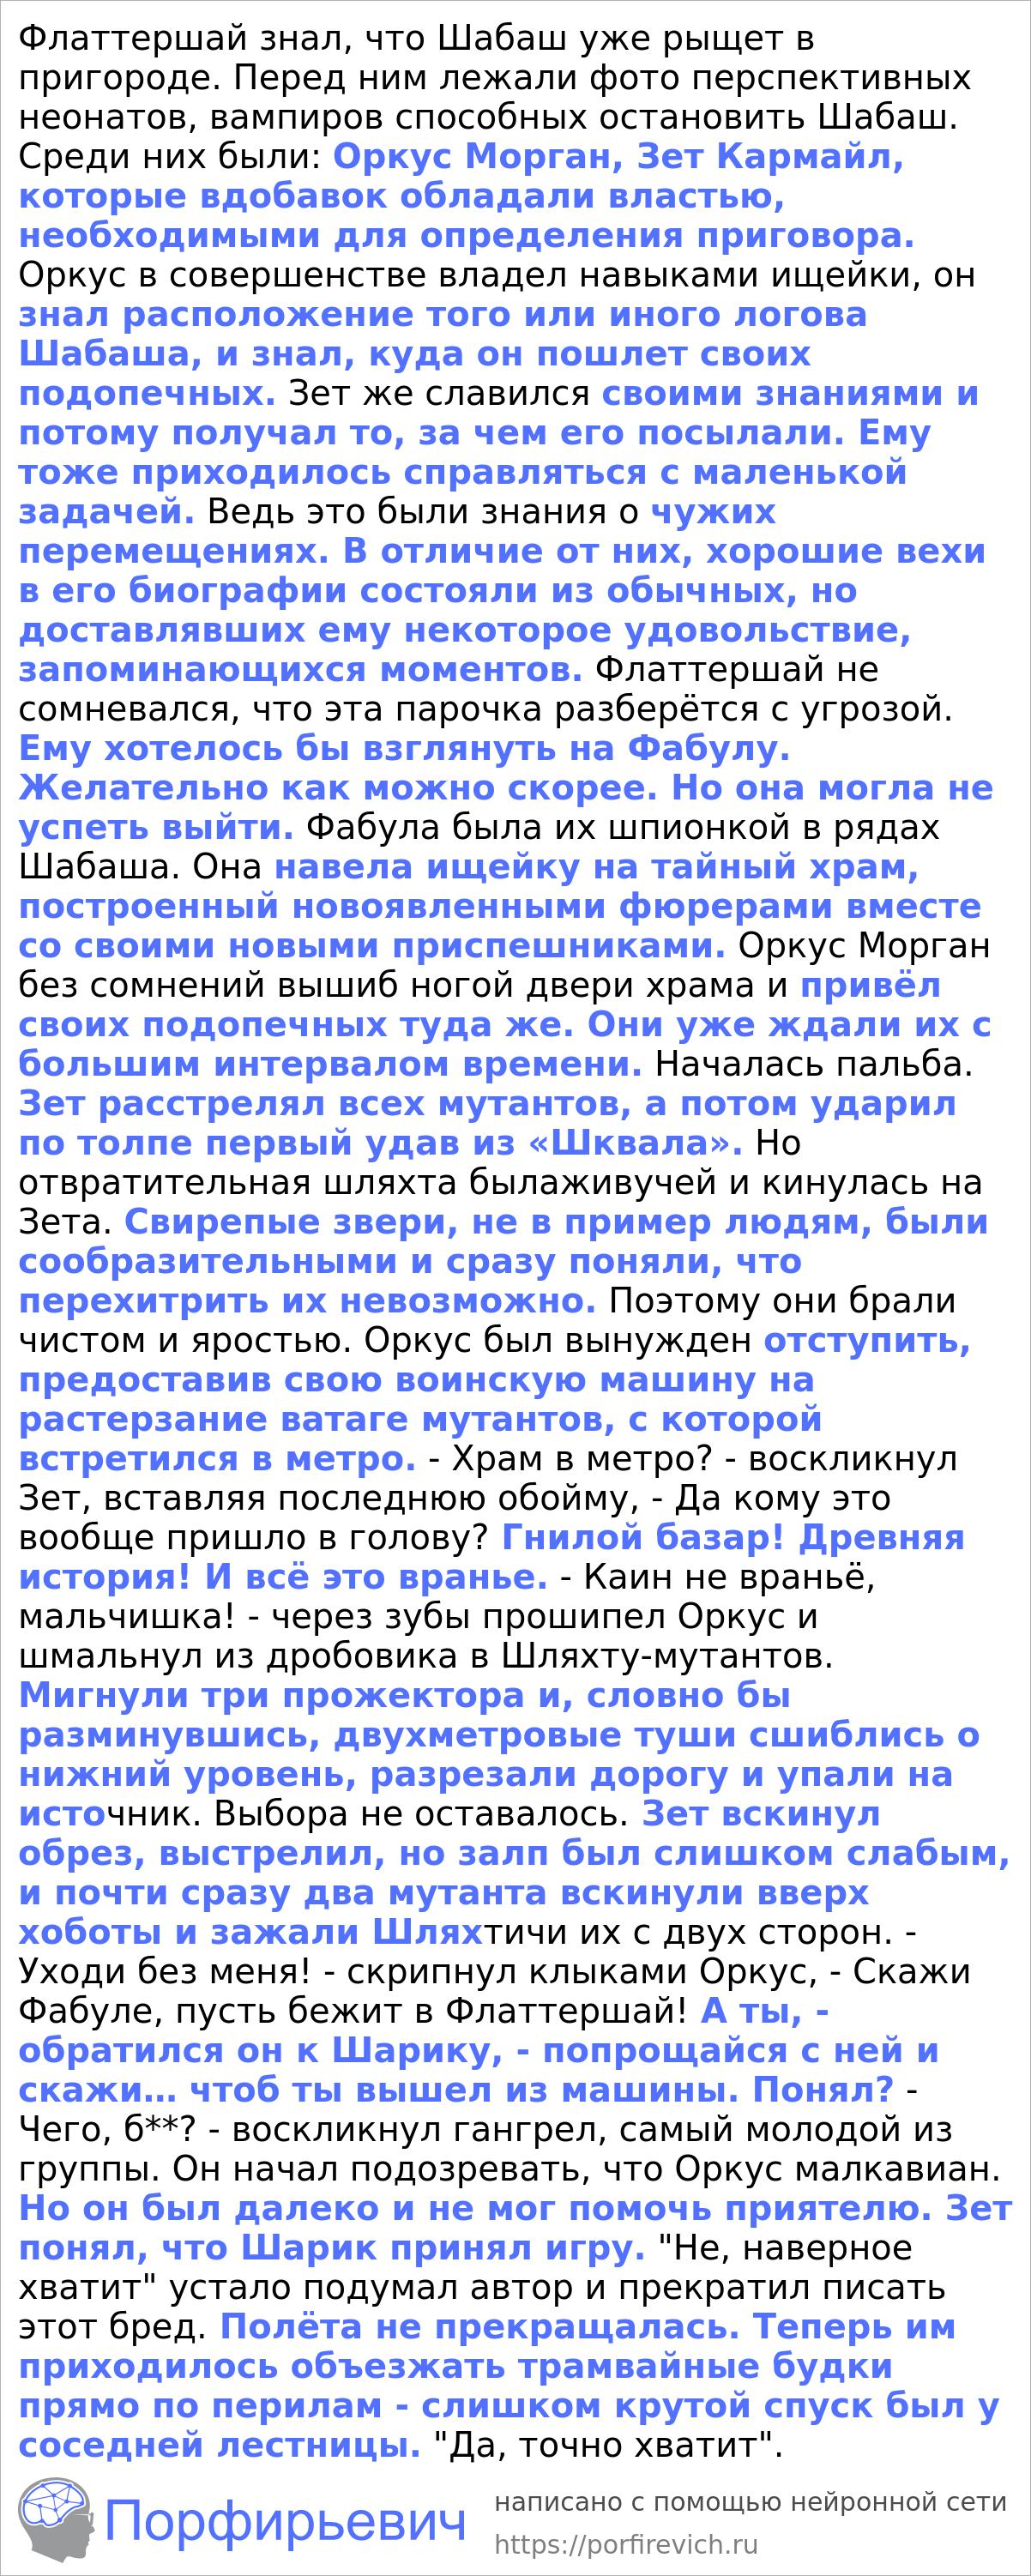 https://porfirevich.ru/media/hQzdxOz1c.png